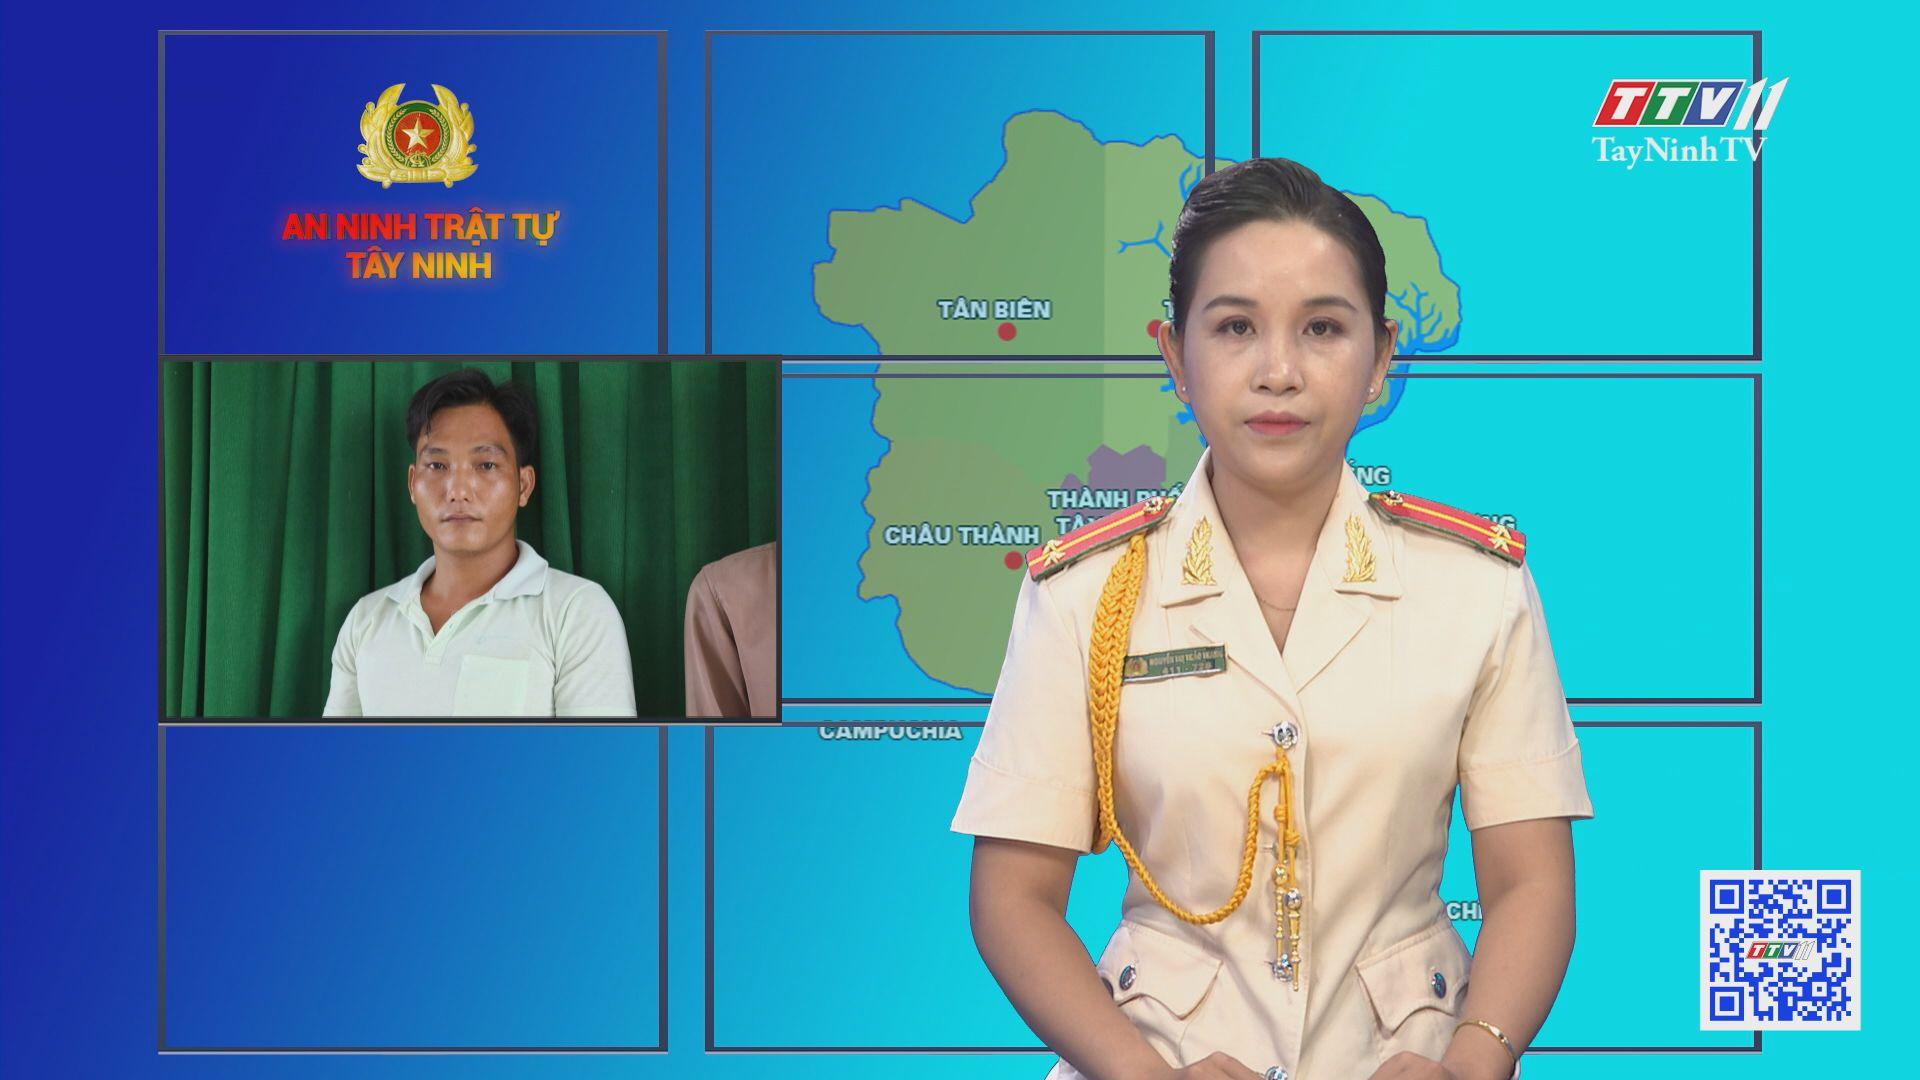 Cơ quan ANĐT Công an Tây Ninh ra quyết định khởi tố, bắt tạm giam 8 đối tượng về hành vi tổ chức cho người khác xuất cảnh trái phép | AN NINH TRẬT TỰ TÂY NINH | TayNinhTV